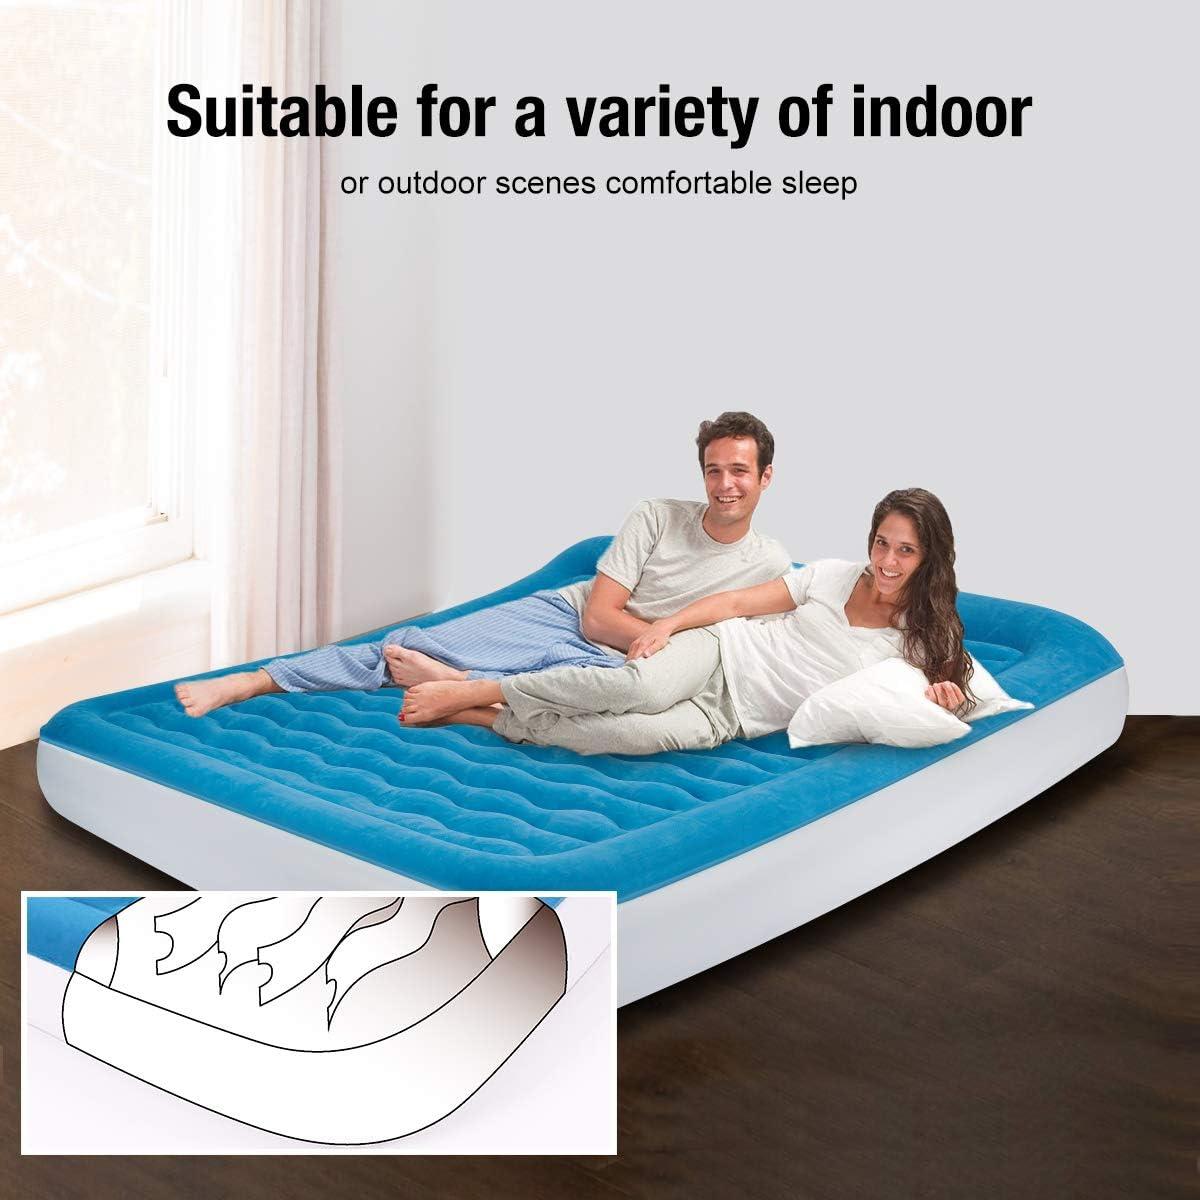 Amazon.com: Lunvon - Colchón hinchable de aire con almohada ...